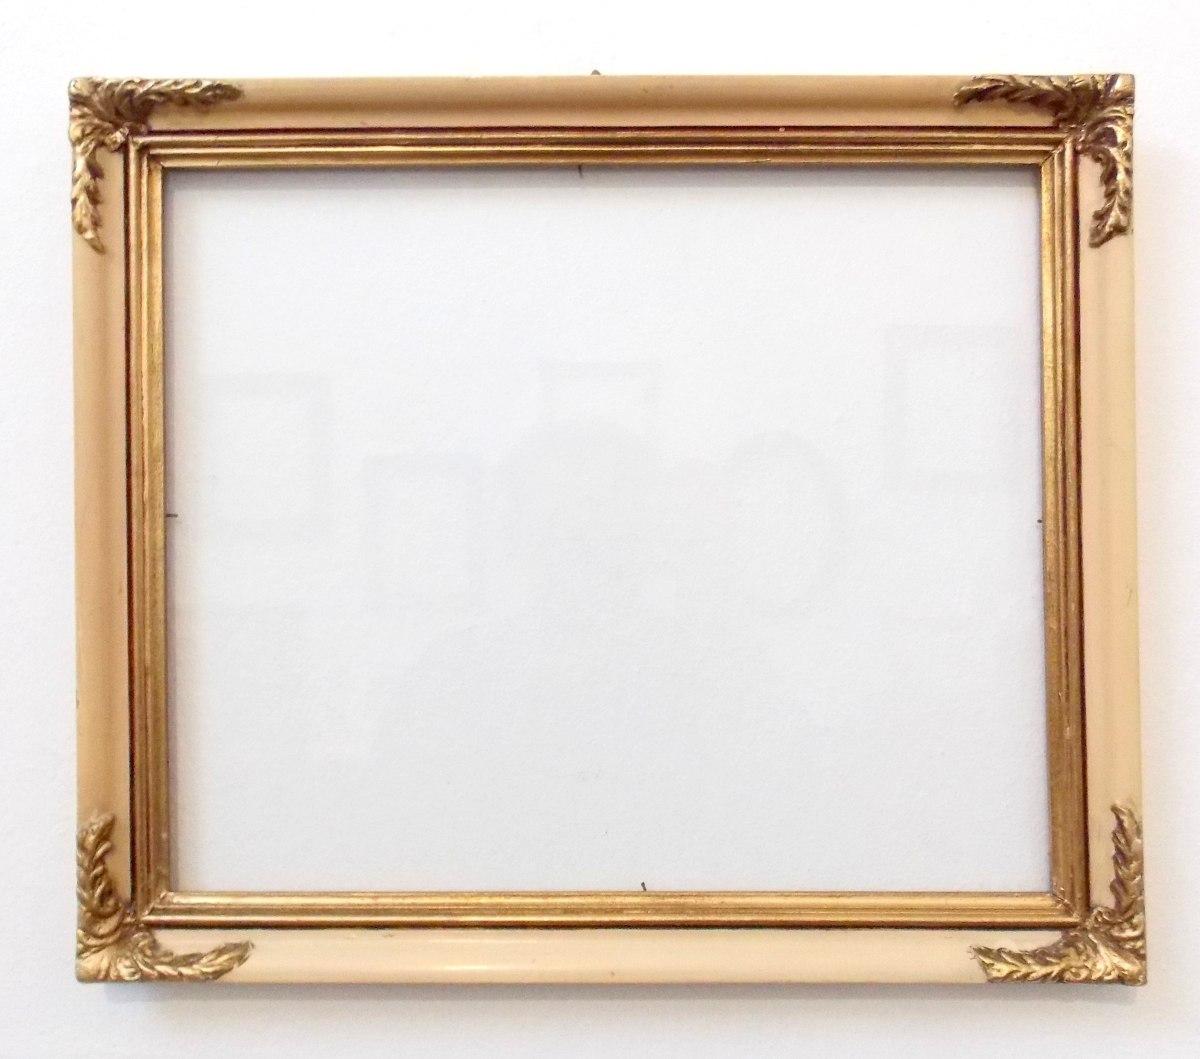 Marcos antiguo foto cuadro espejo 35x29 550 00 en for Marcos originales para cuadros